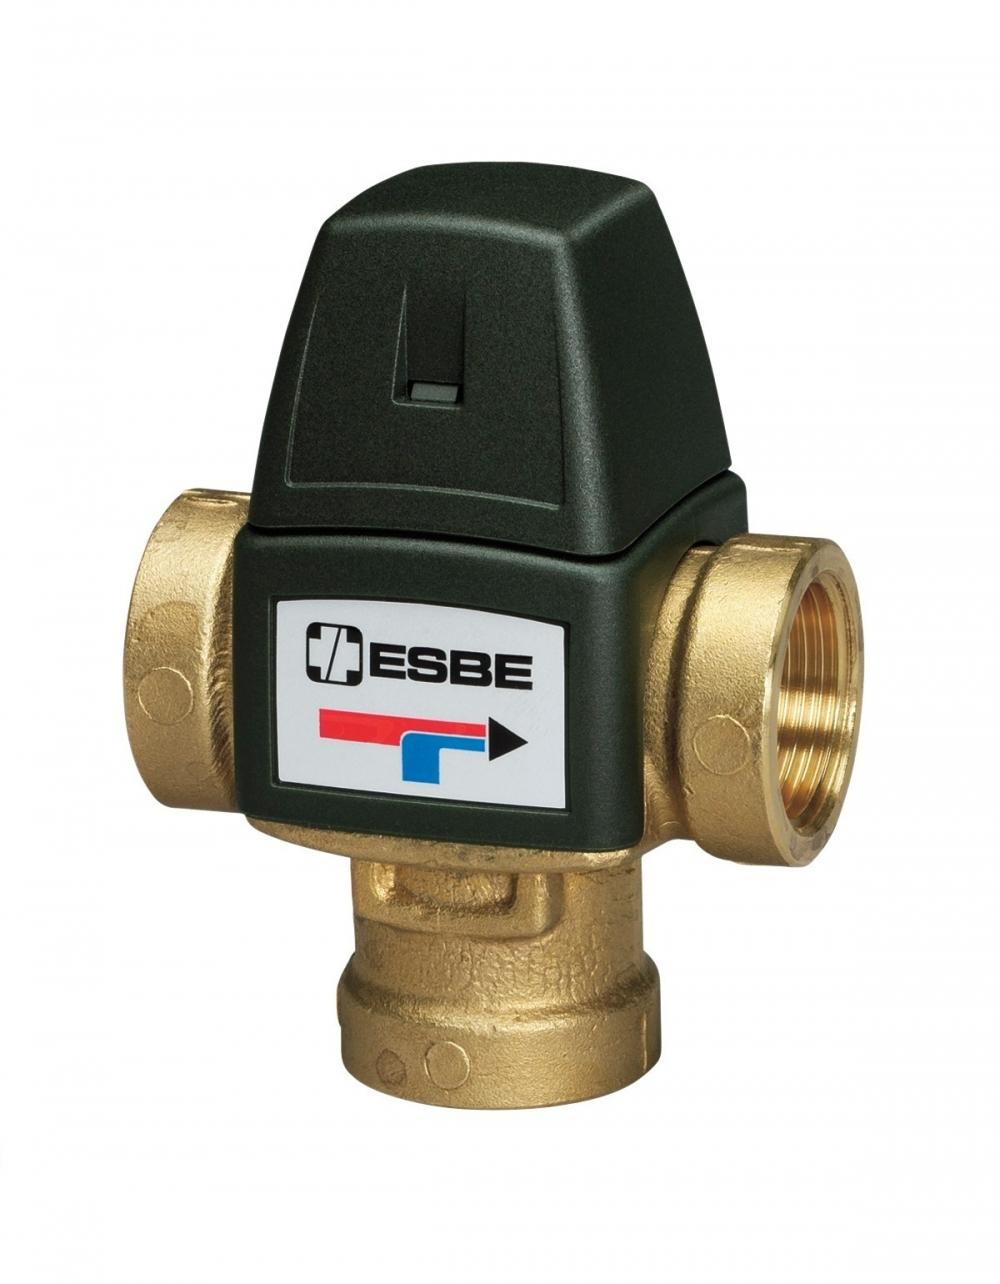 """Термостатический клапан 3/4"""" ESBE VTA321 с защитой от ожогов для ГВС T=20-43°C Rp 3/4"""" DN 20 Kvs 1,6 31100700 - 3"""